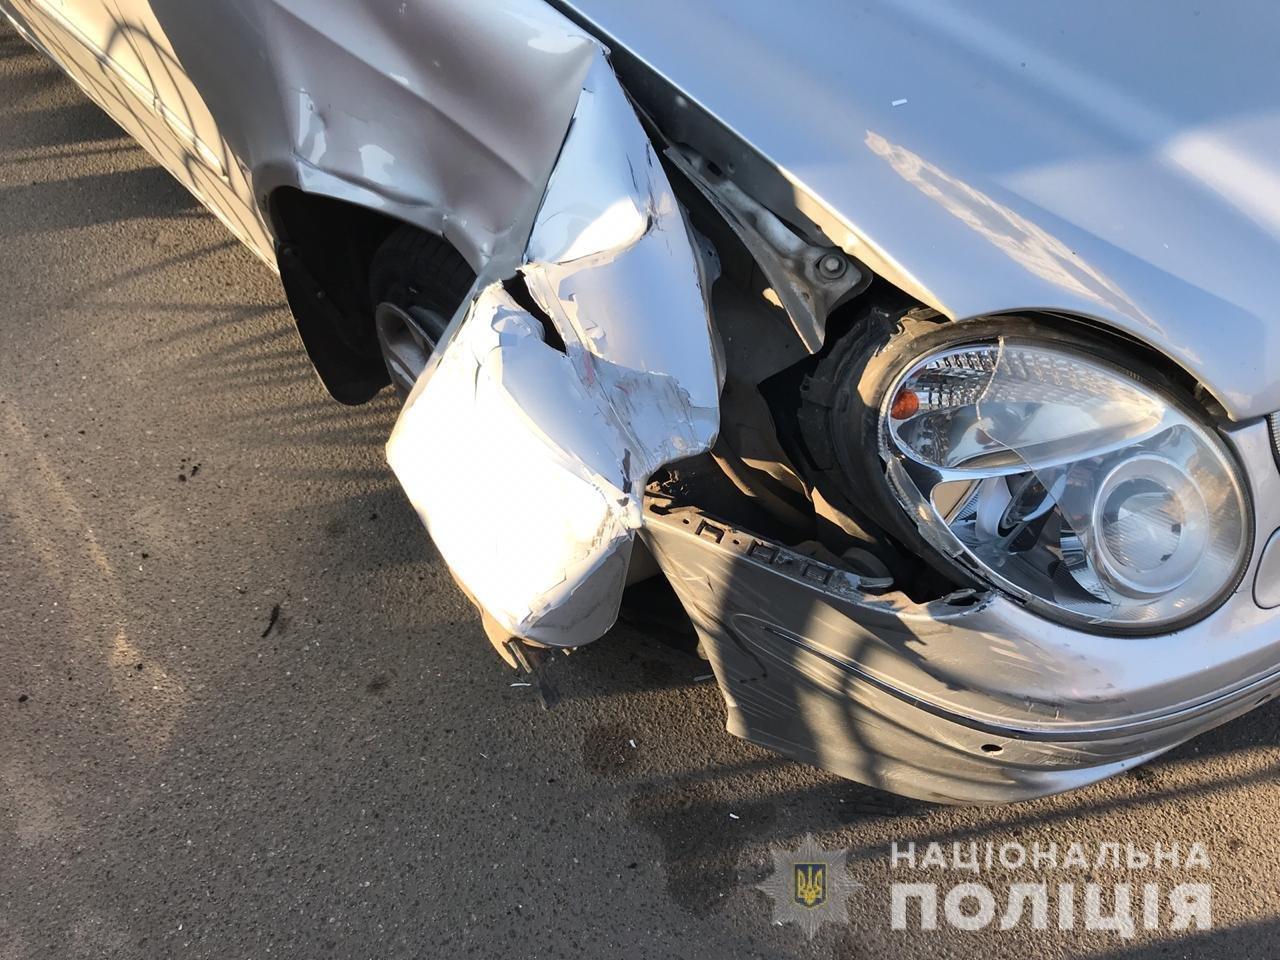 Cбил велосипедиста и скрылся с места ДТП: под Киевом задержали пьяного виновника аварии, фото-2